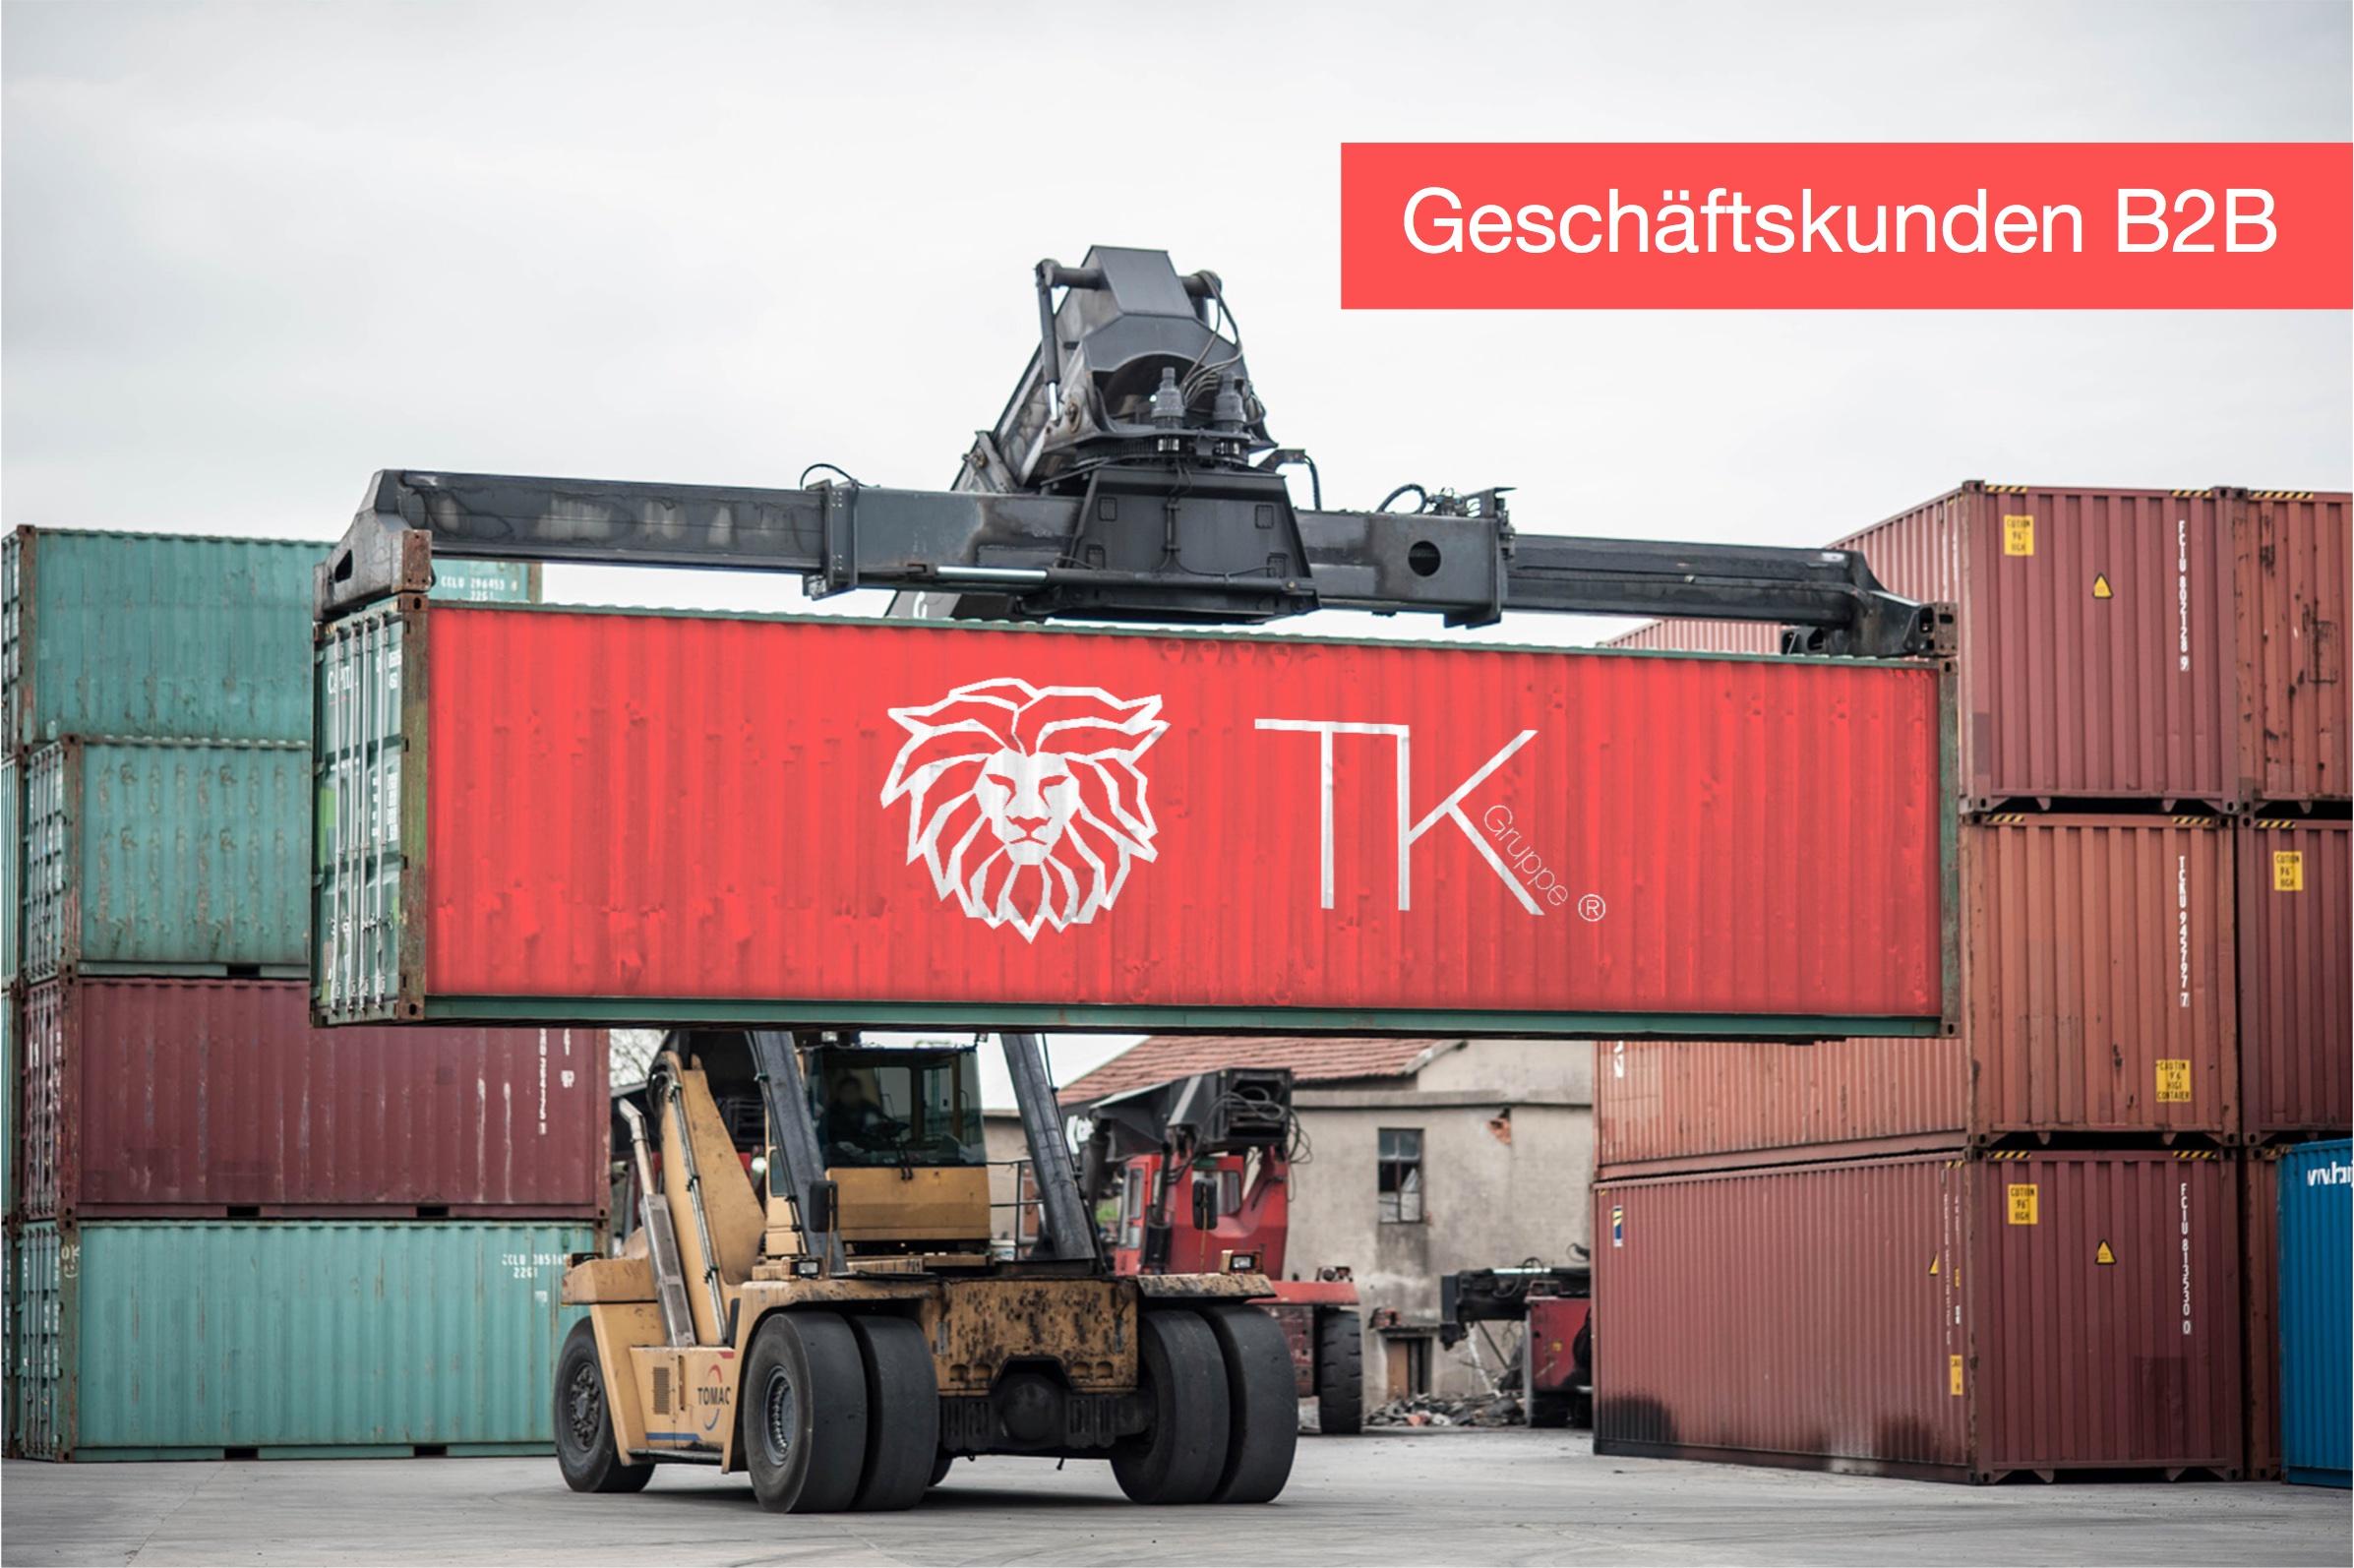 TK Gruppe GmbH Timo Klingler jetzt auch mit B2B Shop für Geschäftskunden und Gewerbetreibende